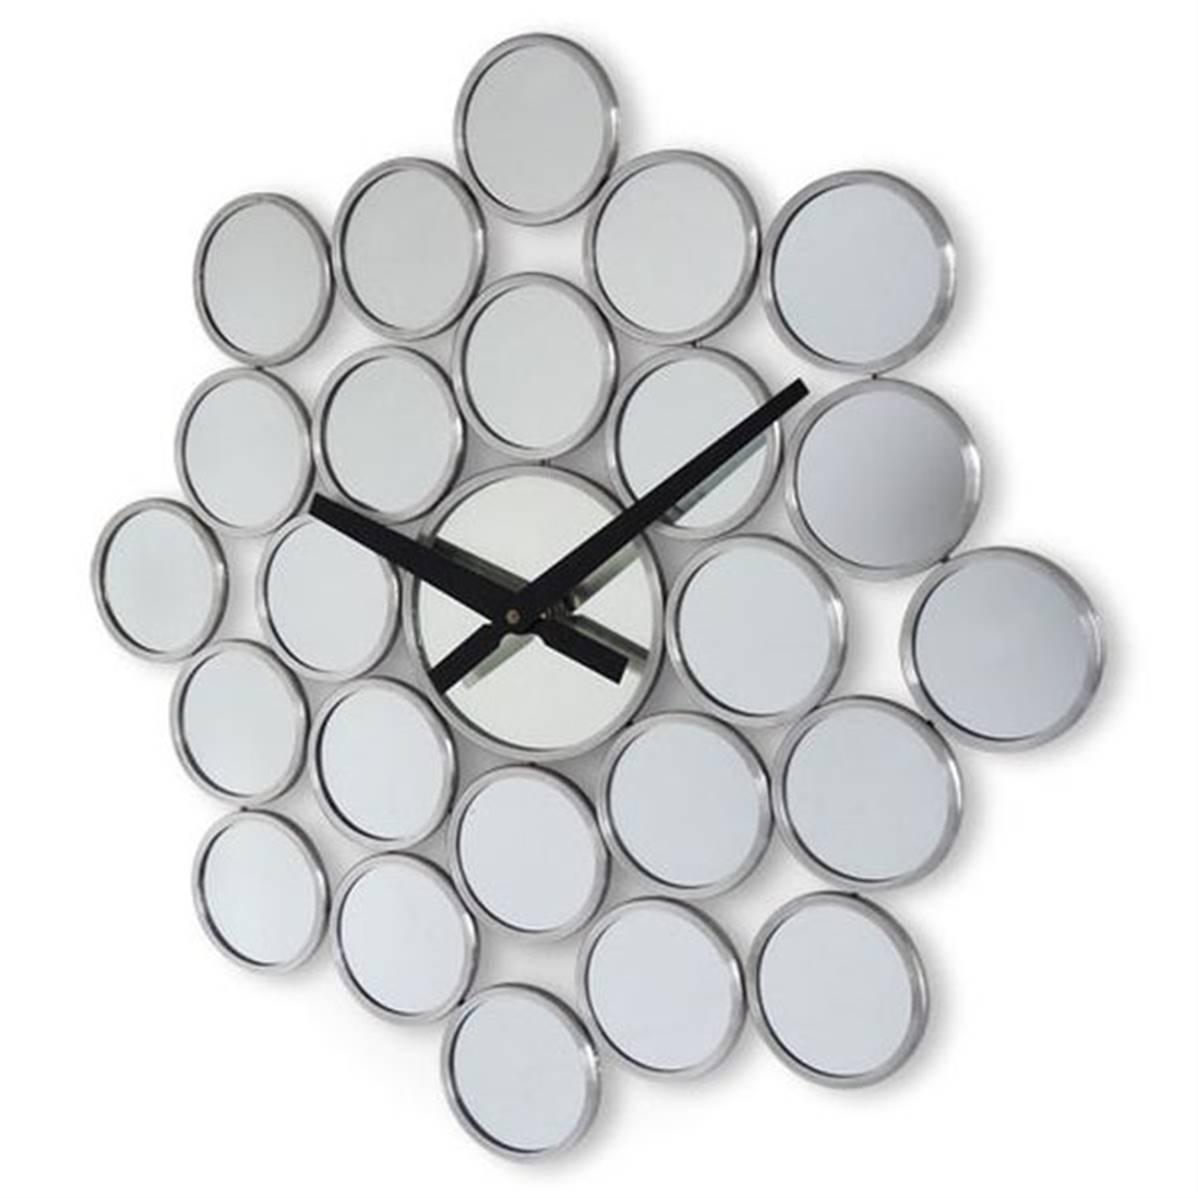 Horloge miroir design chic VIP pour déco de cuisine ou salon